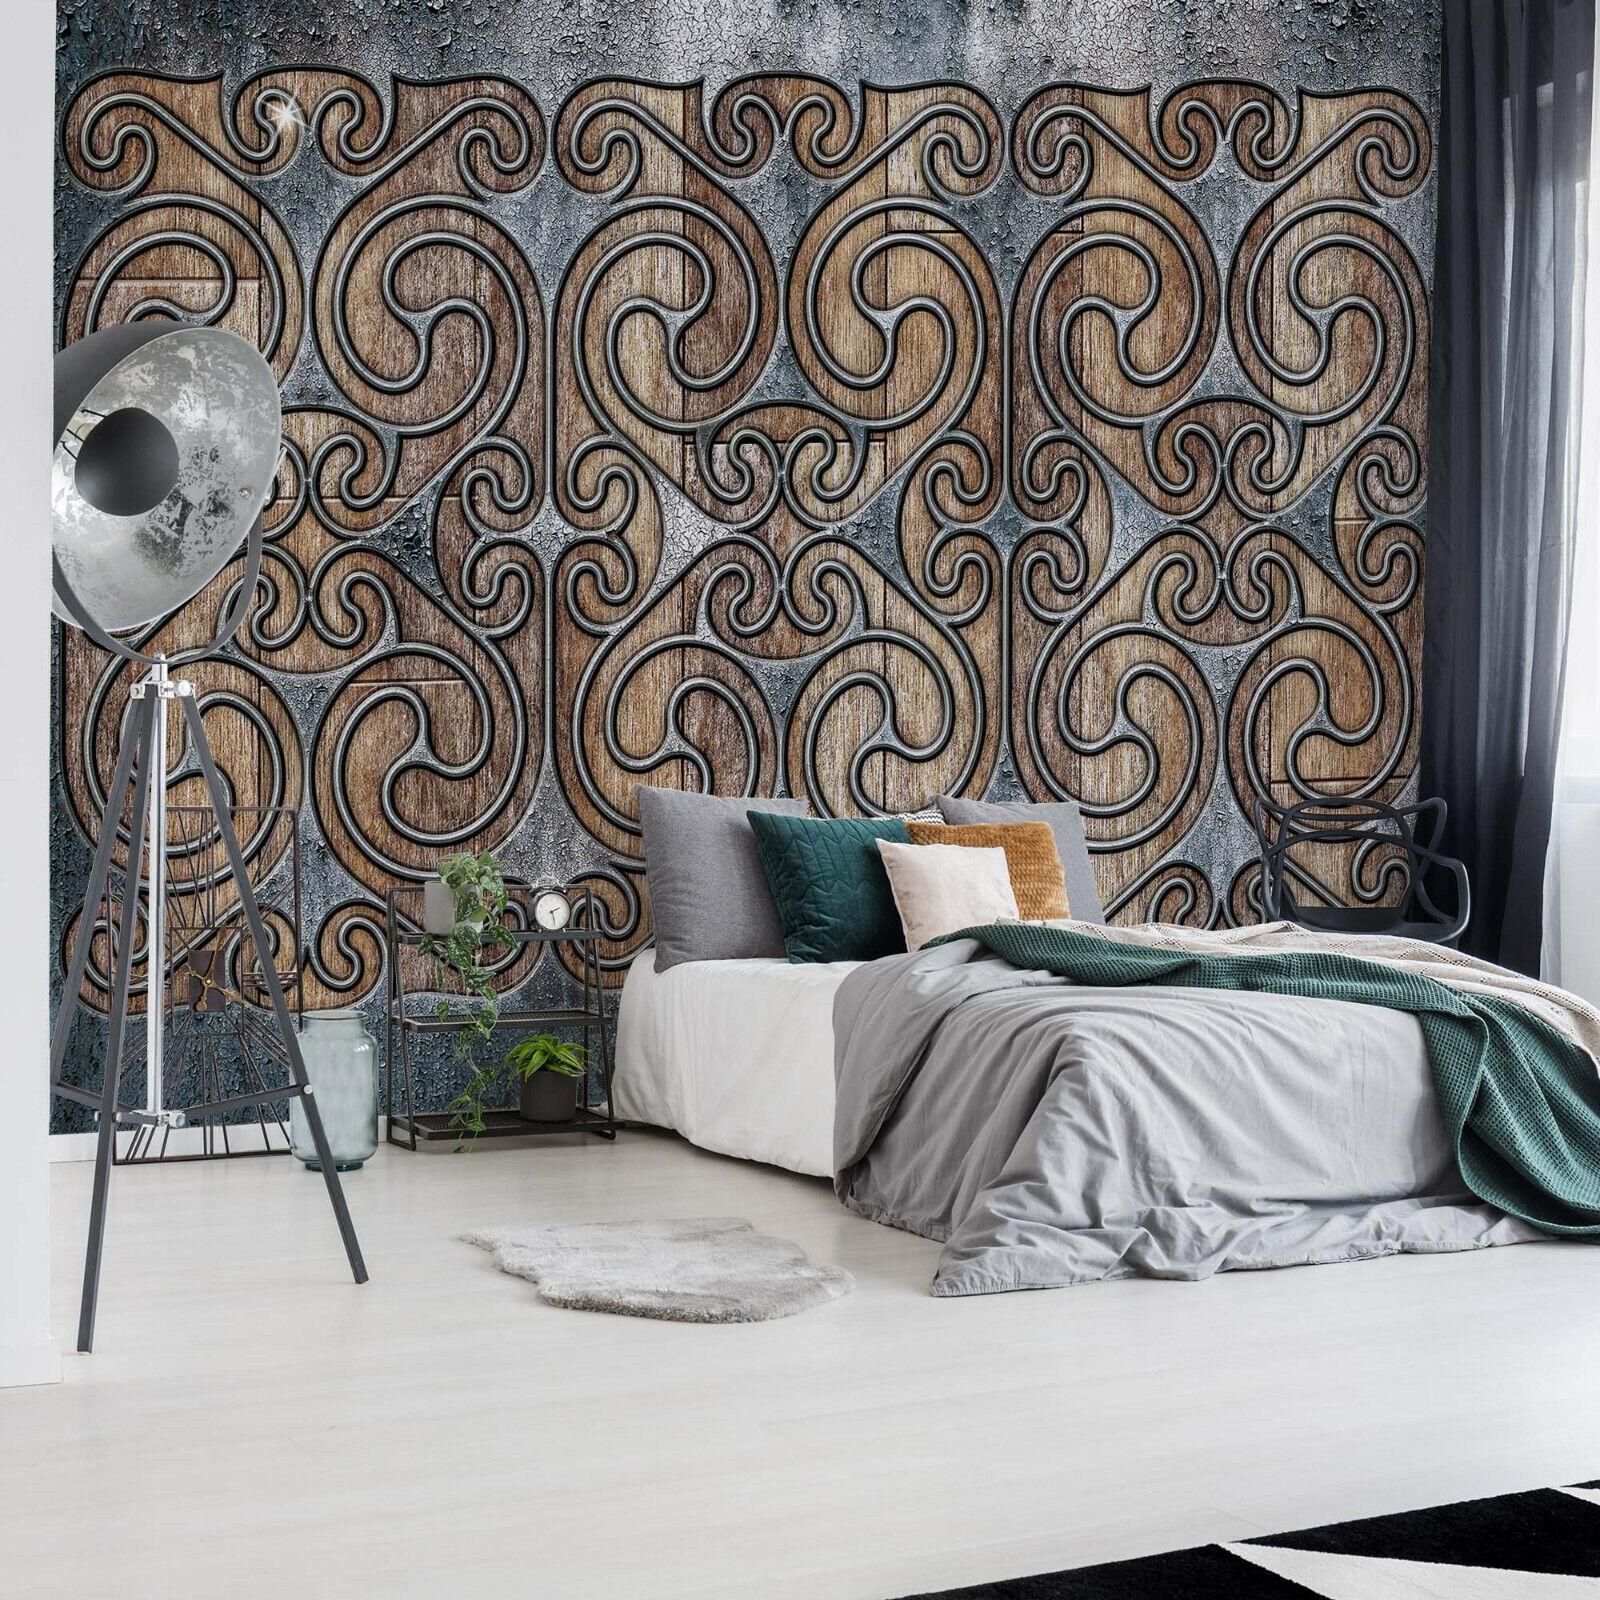 Design Tapete Fototapete für Wohnzimmer braunes nordisches keltisches Muster